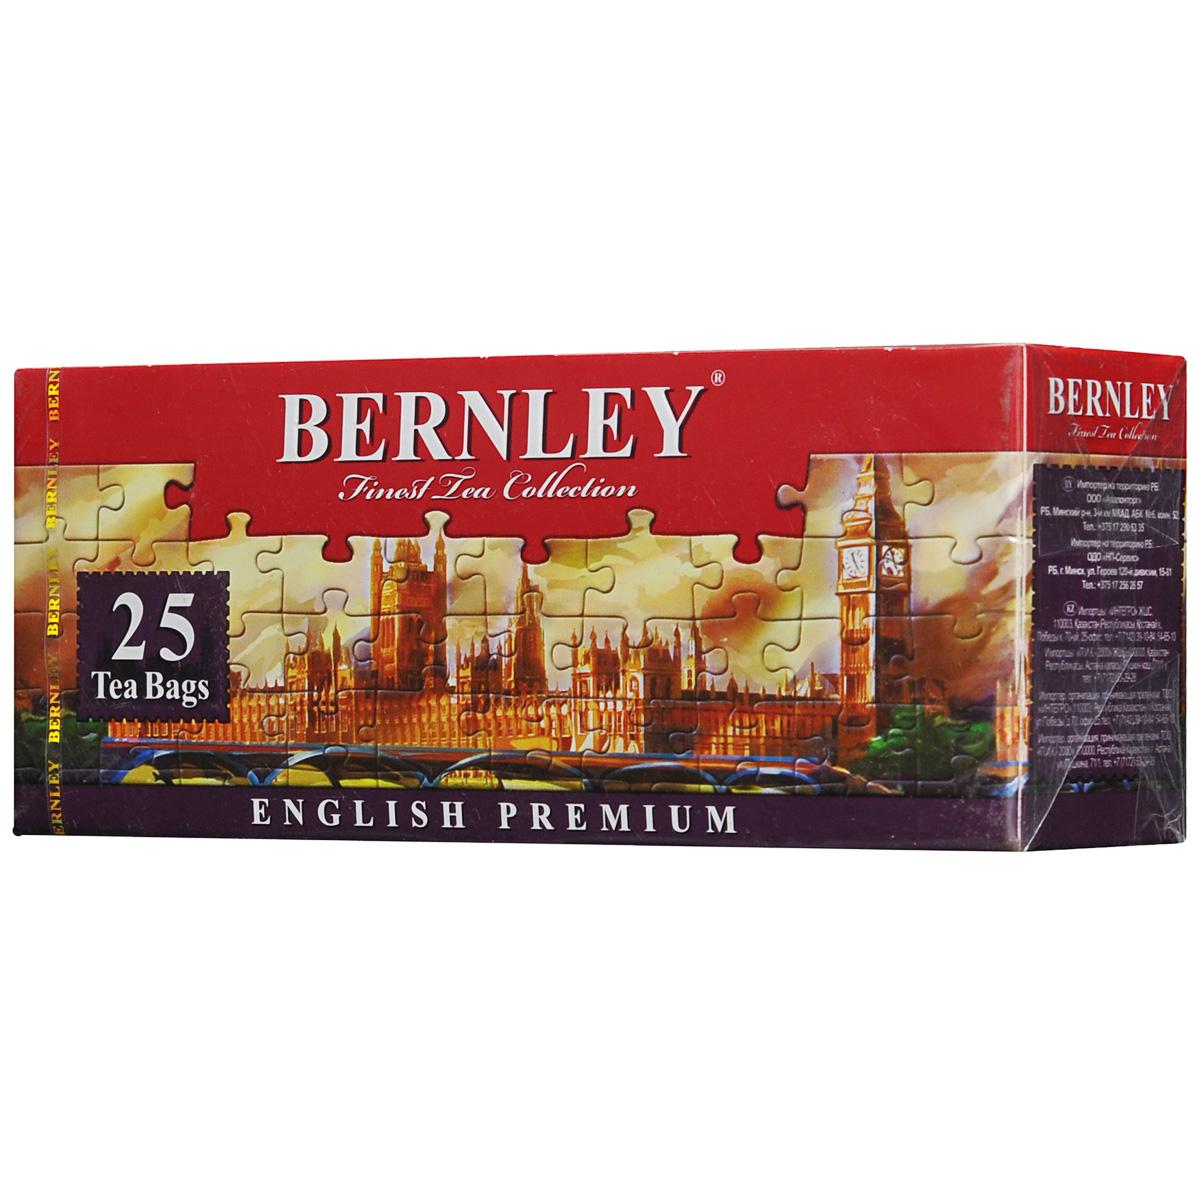 Bernley English Premium черный ароматизированный чай в пакетиках, 25 шт1070003Bernley English Premium - великолепный образец классического английского черного чая с бергамотом, тропический вкус которого удивительно тонко и гармонично сочетается с неповторимыми природными свойствами высокогорного цейлонского чая отборного качества.Всё о чае: сорта, факты, советы по выбору и употреблению. Статья OZON Гид